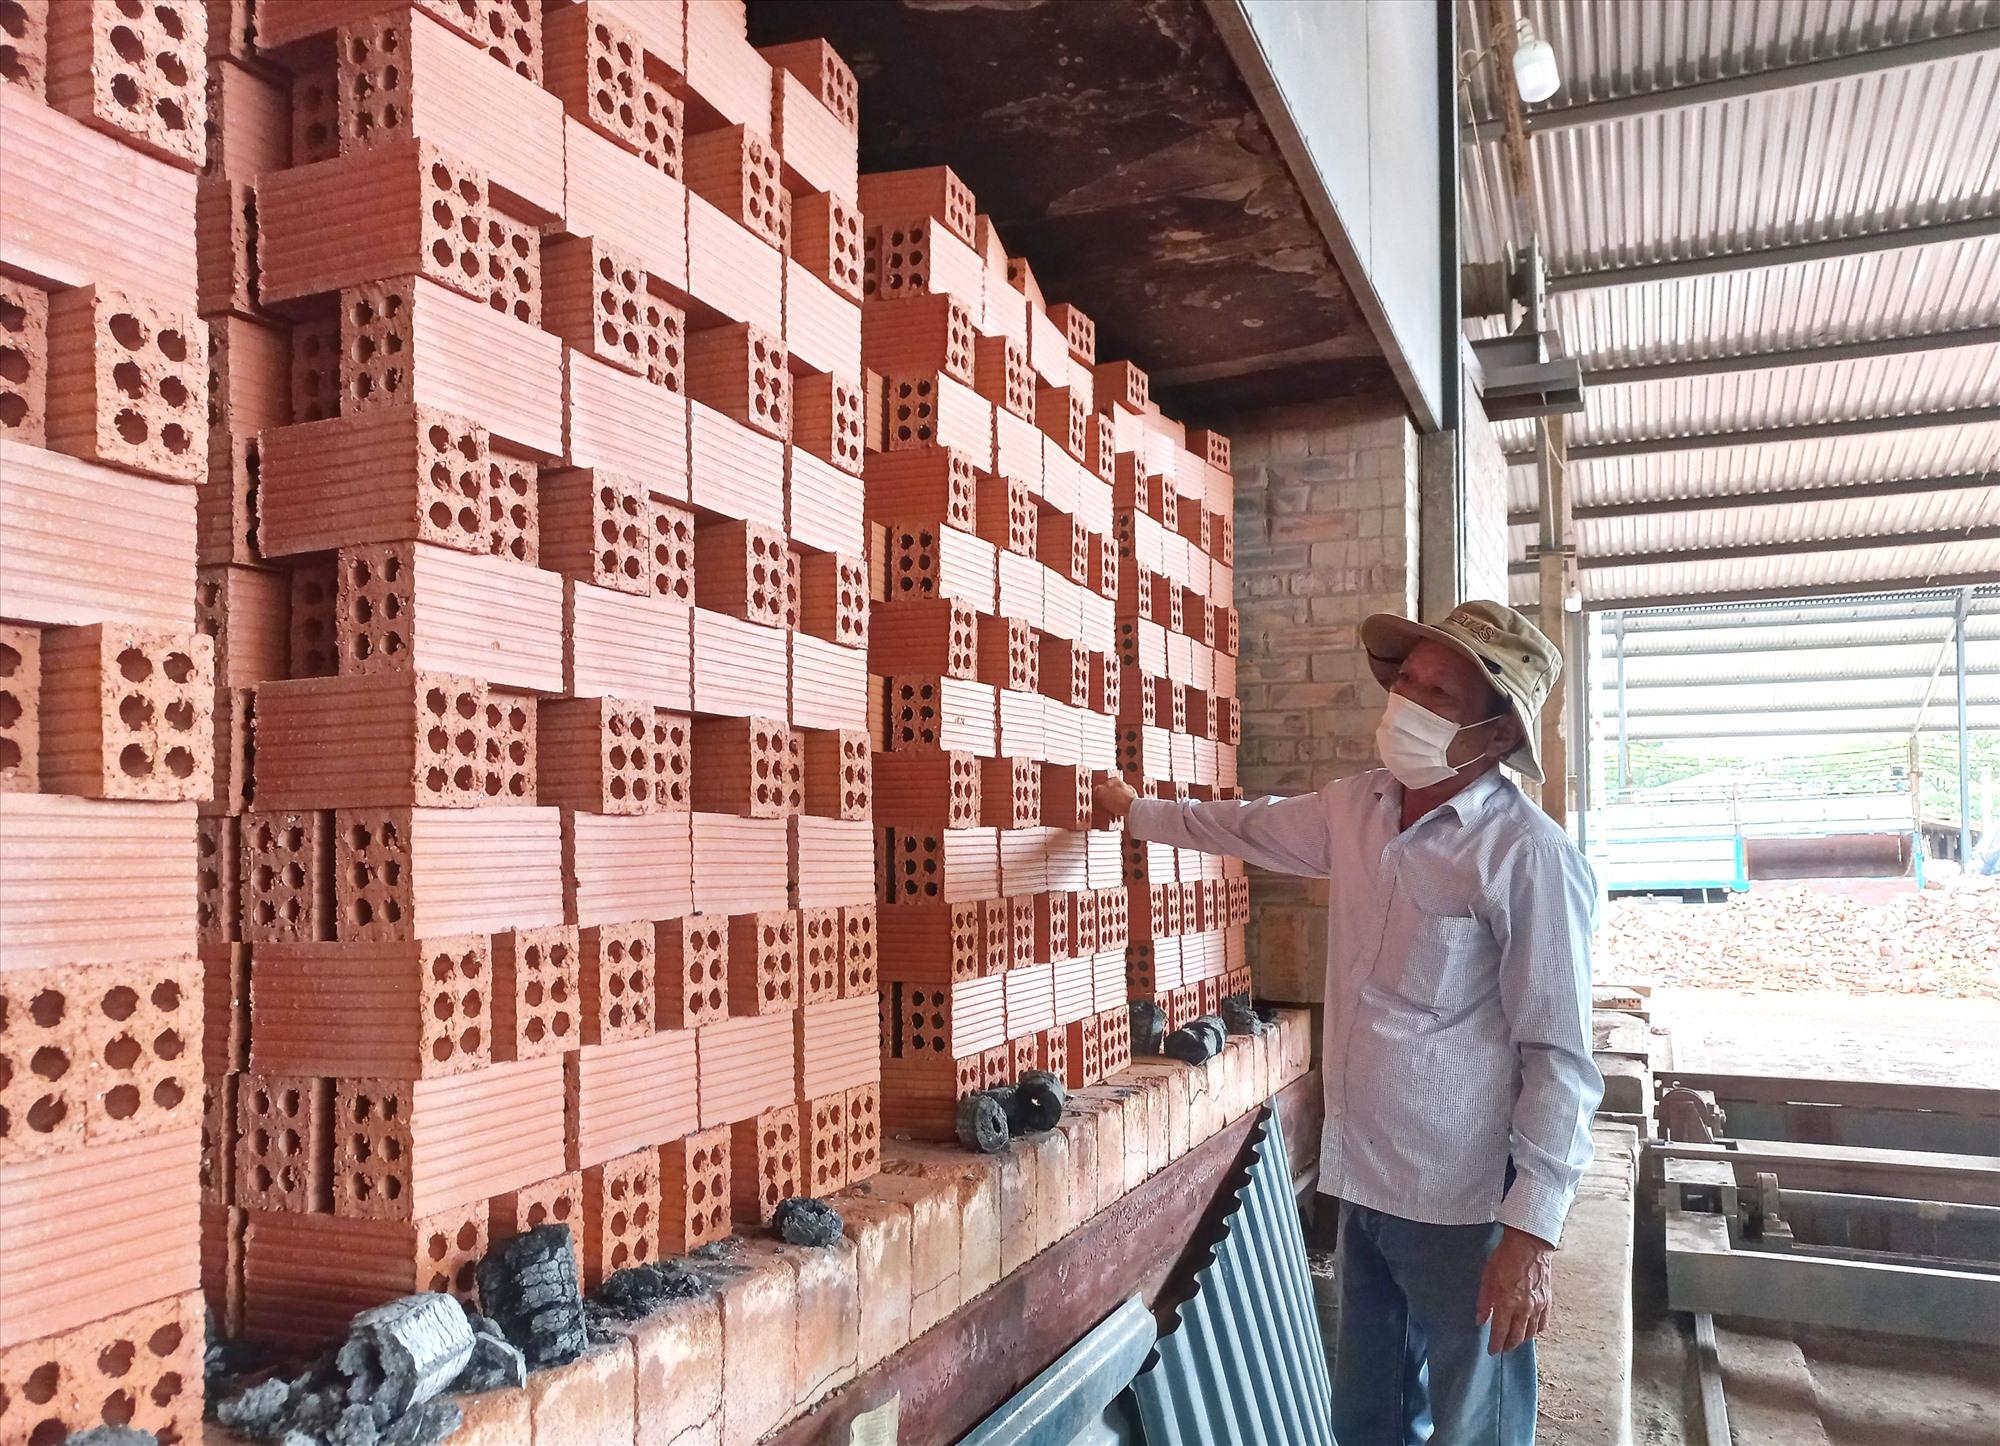 Sản phẩm gạch được sản xuất trên dây chuyền hiện đại mà HTX đã đầu tư. Ảnh: K.K